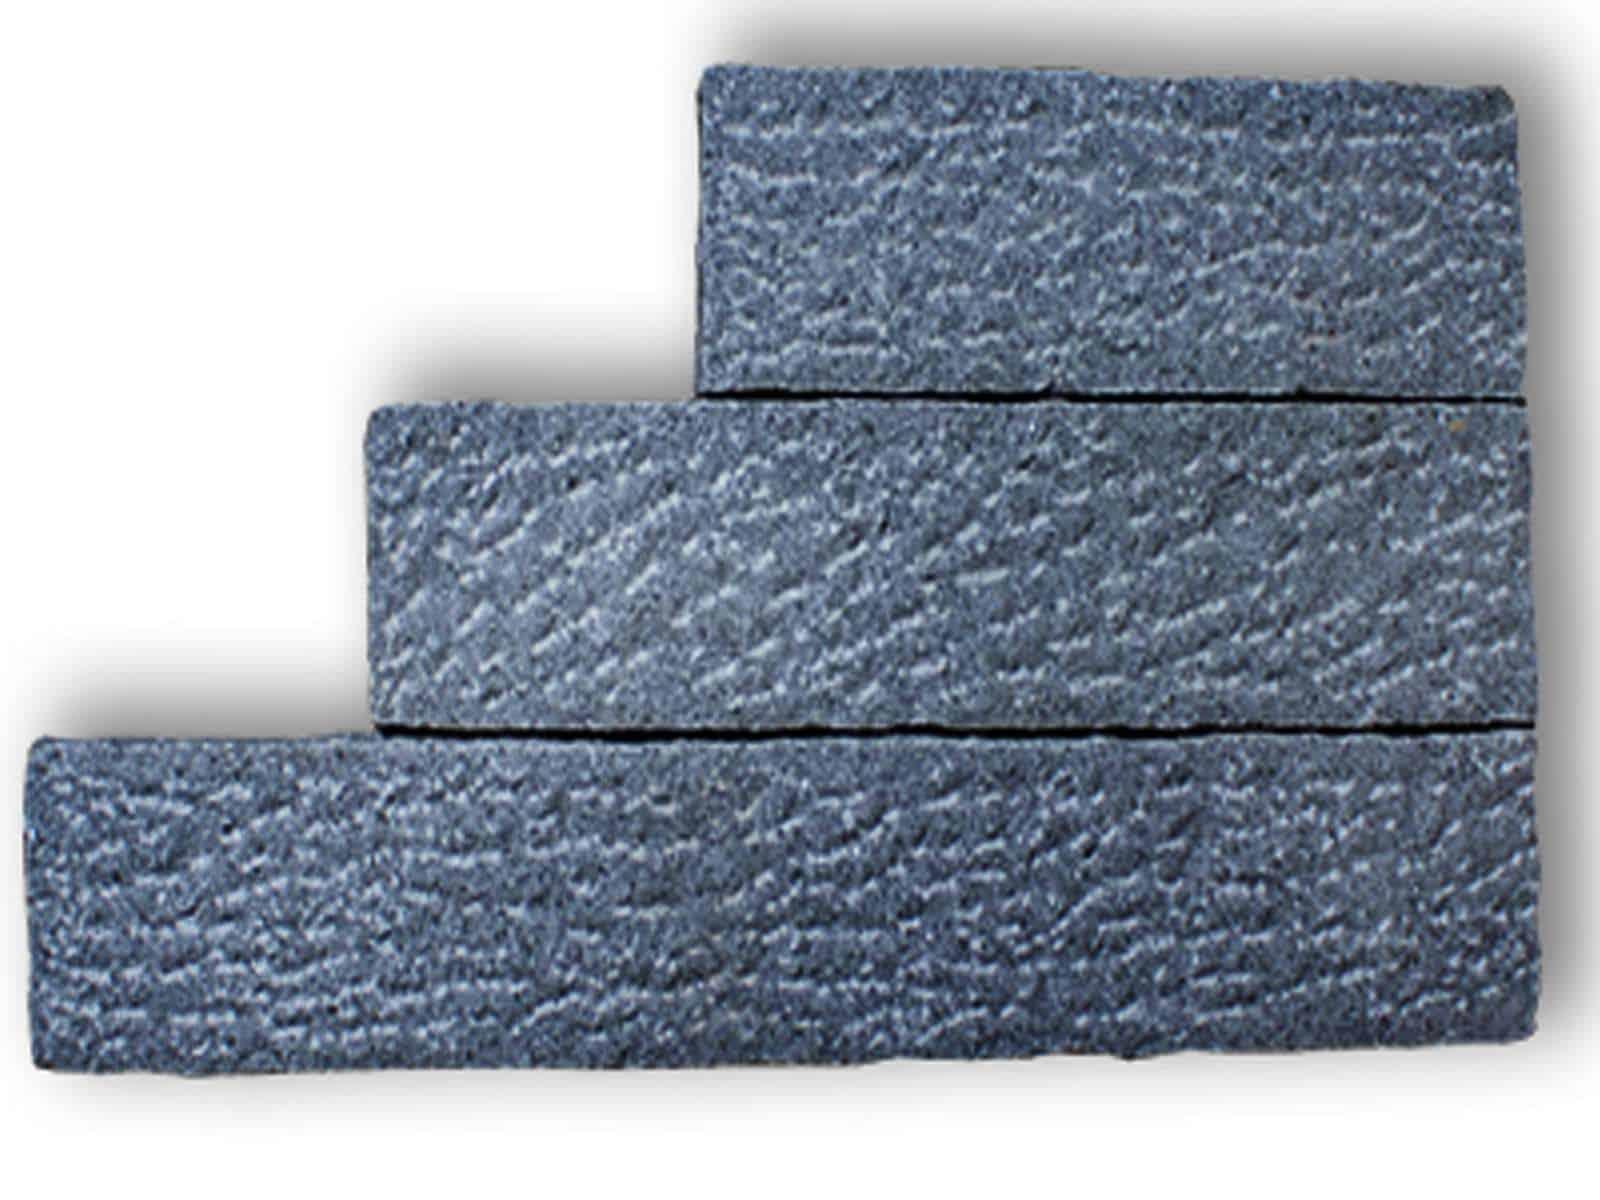 Randstein Granit Kristall antrazit